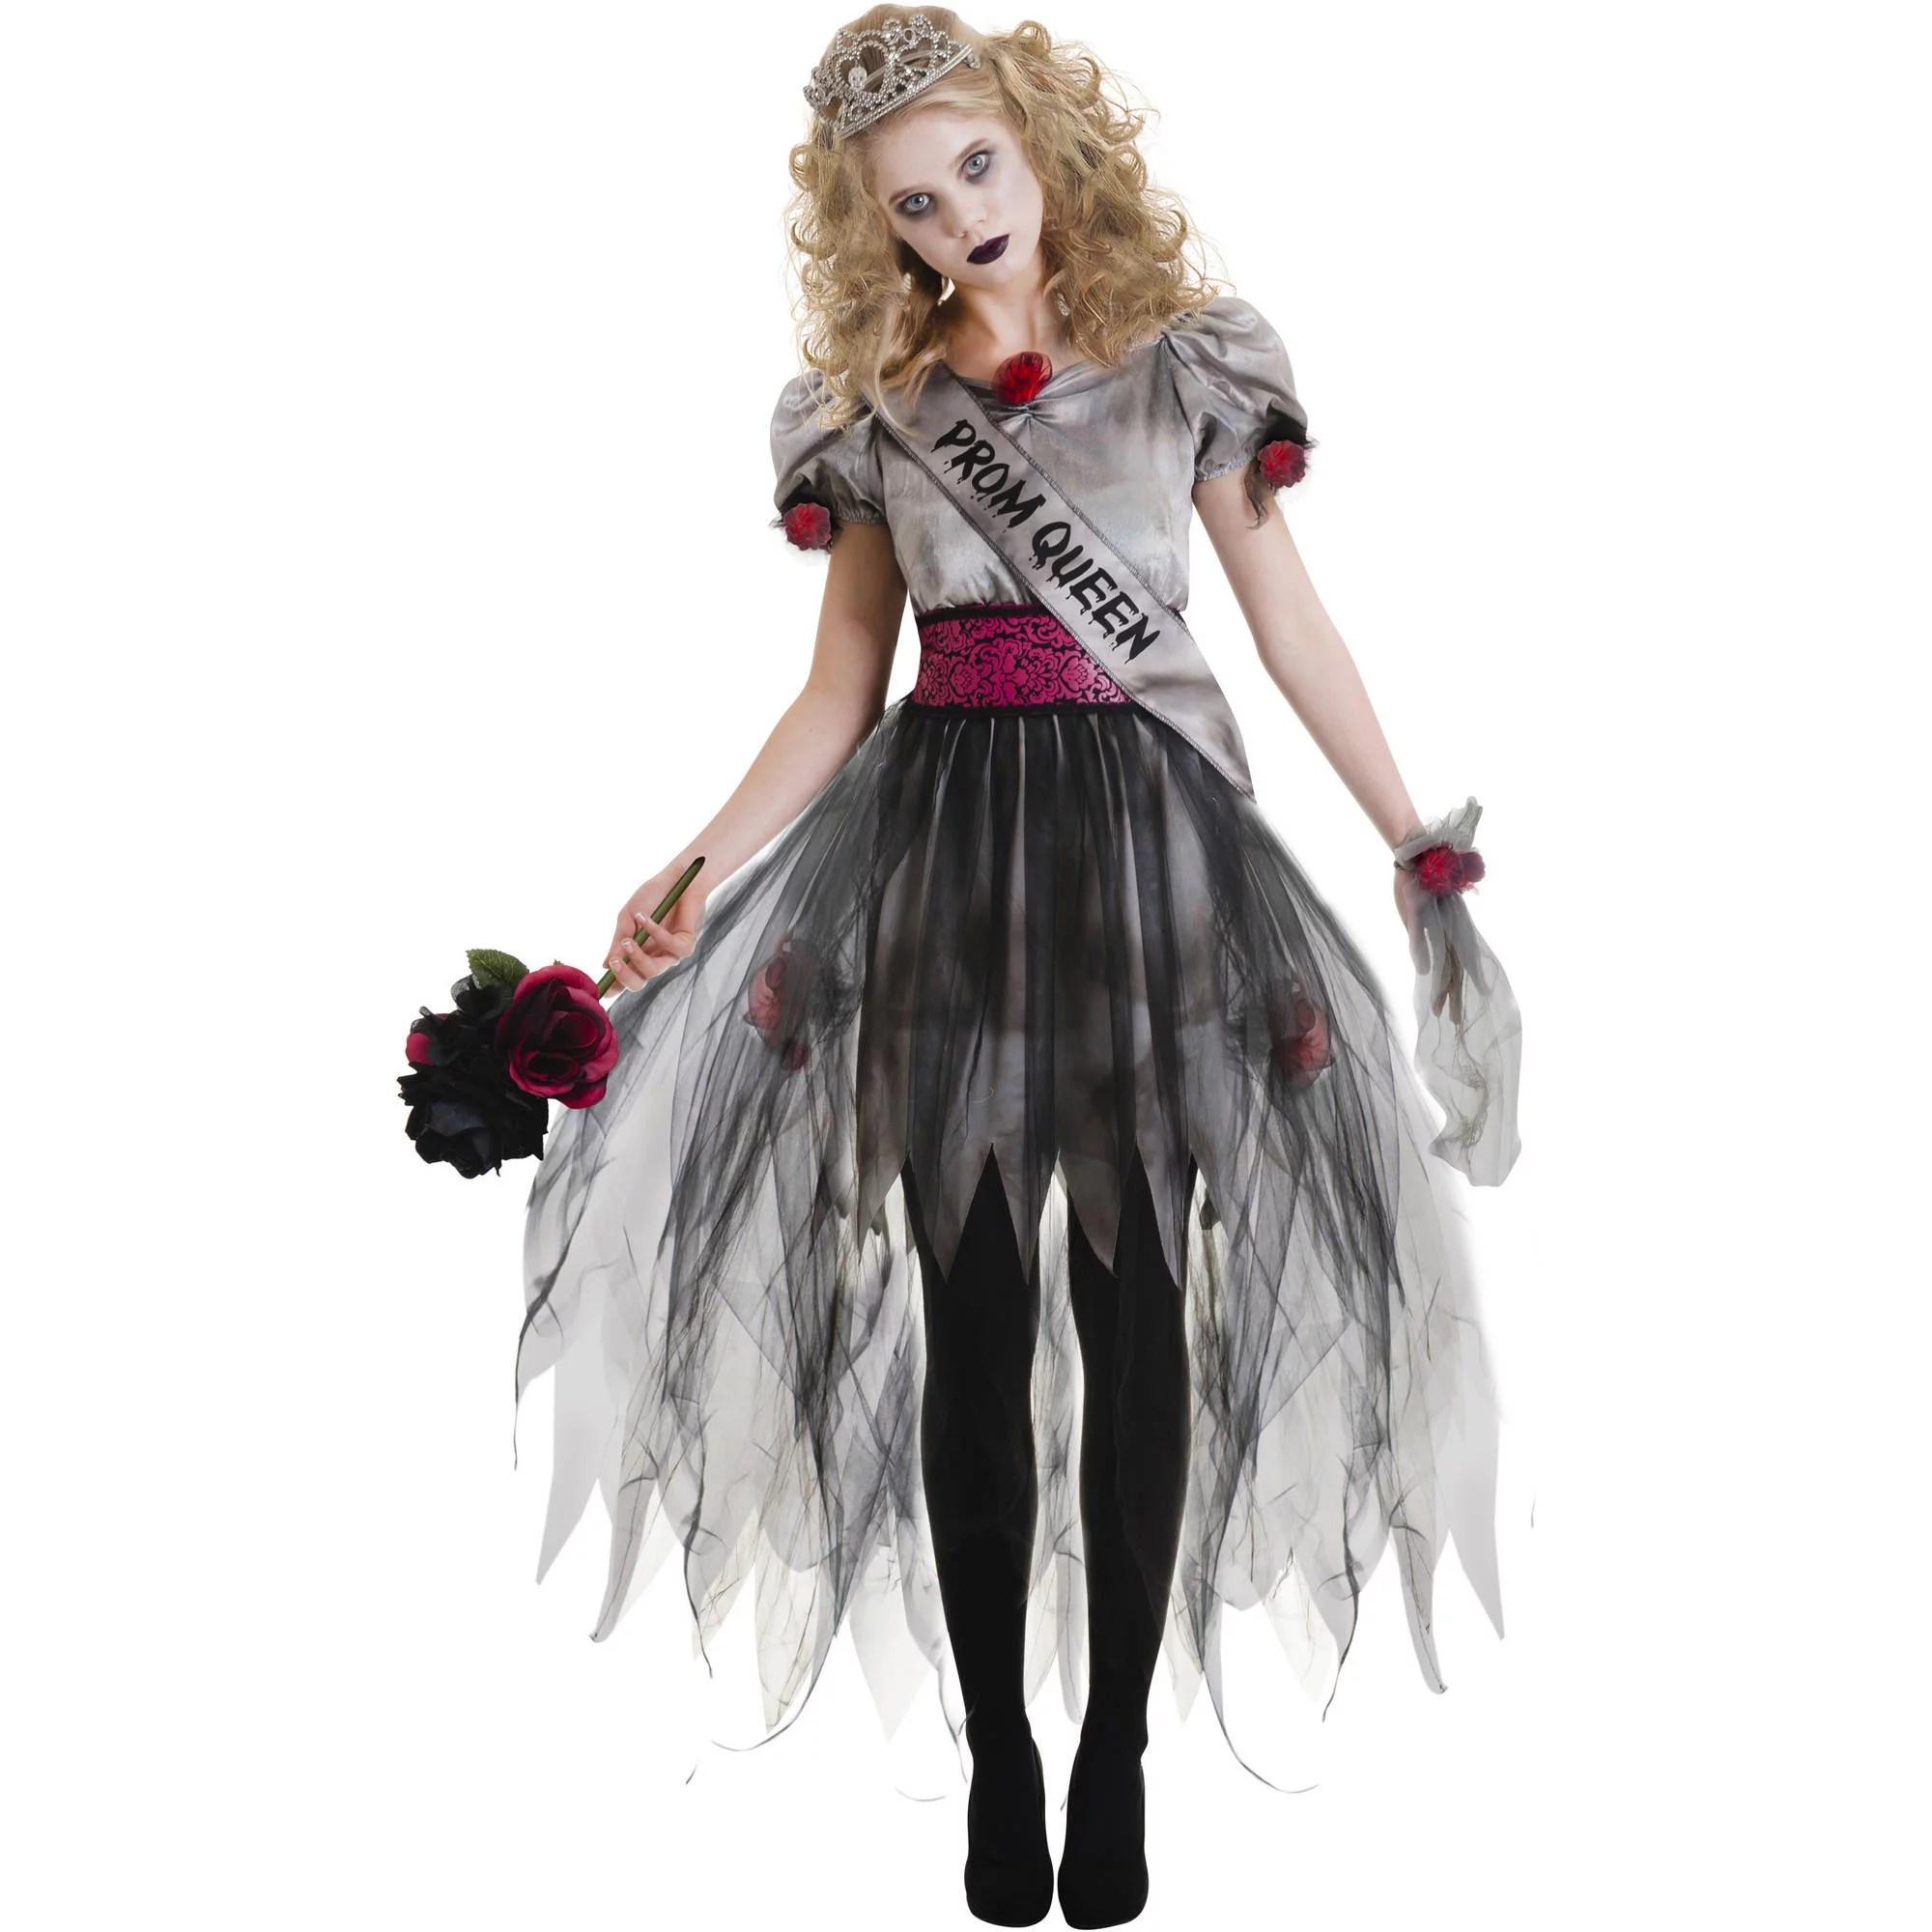 Prom Zombie Adult Halloween Costume